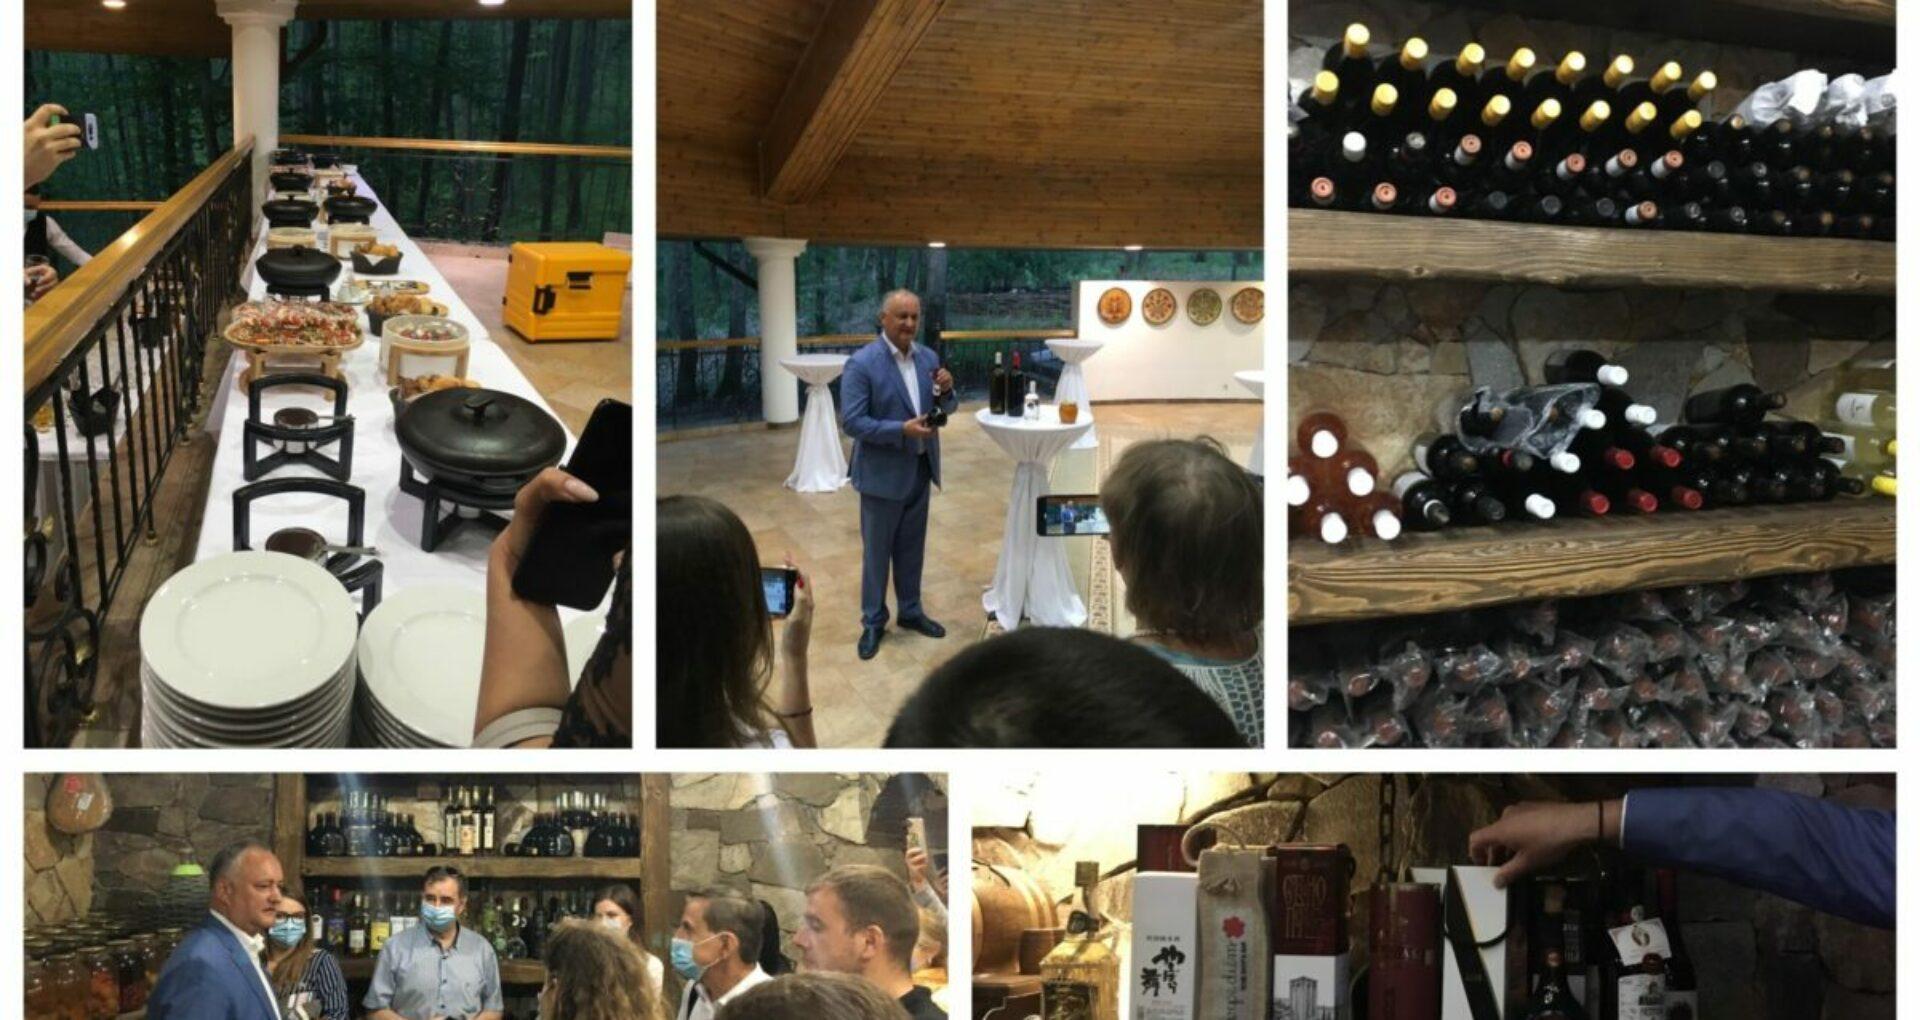 """FOTO, VIDEO/ Din culisele conferinței de presă organizată de Dodon la vila prezidențială: Excursie în beci, cadouri pentru jurnaliști și răspunsuri """"de-atâta"""""""